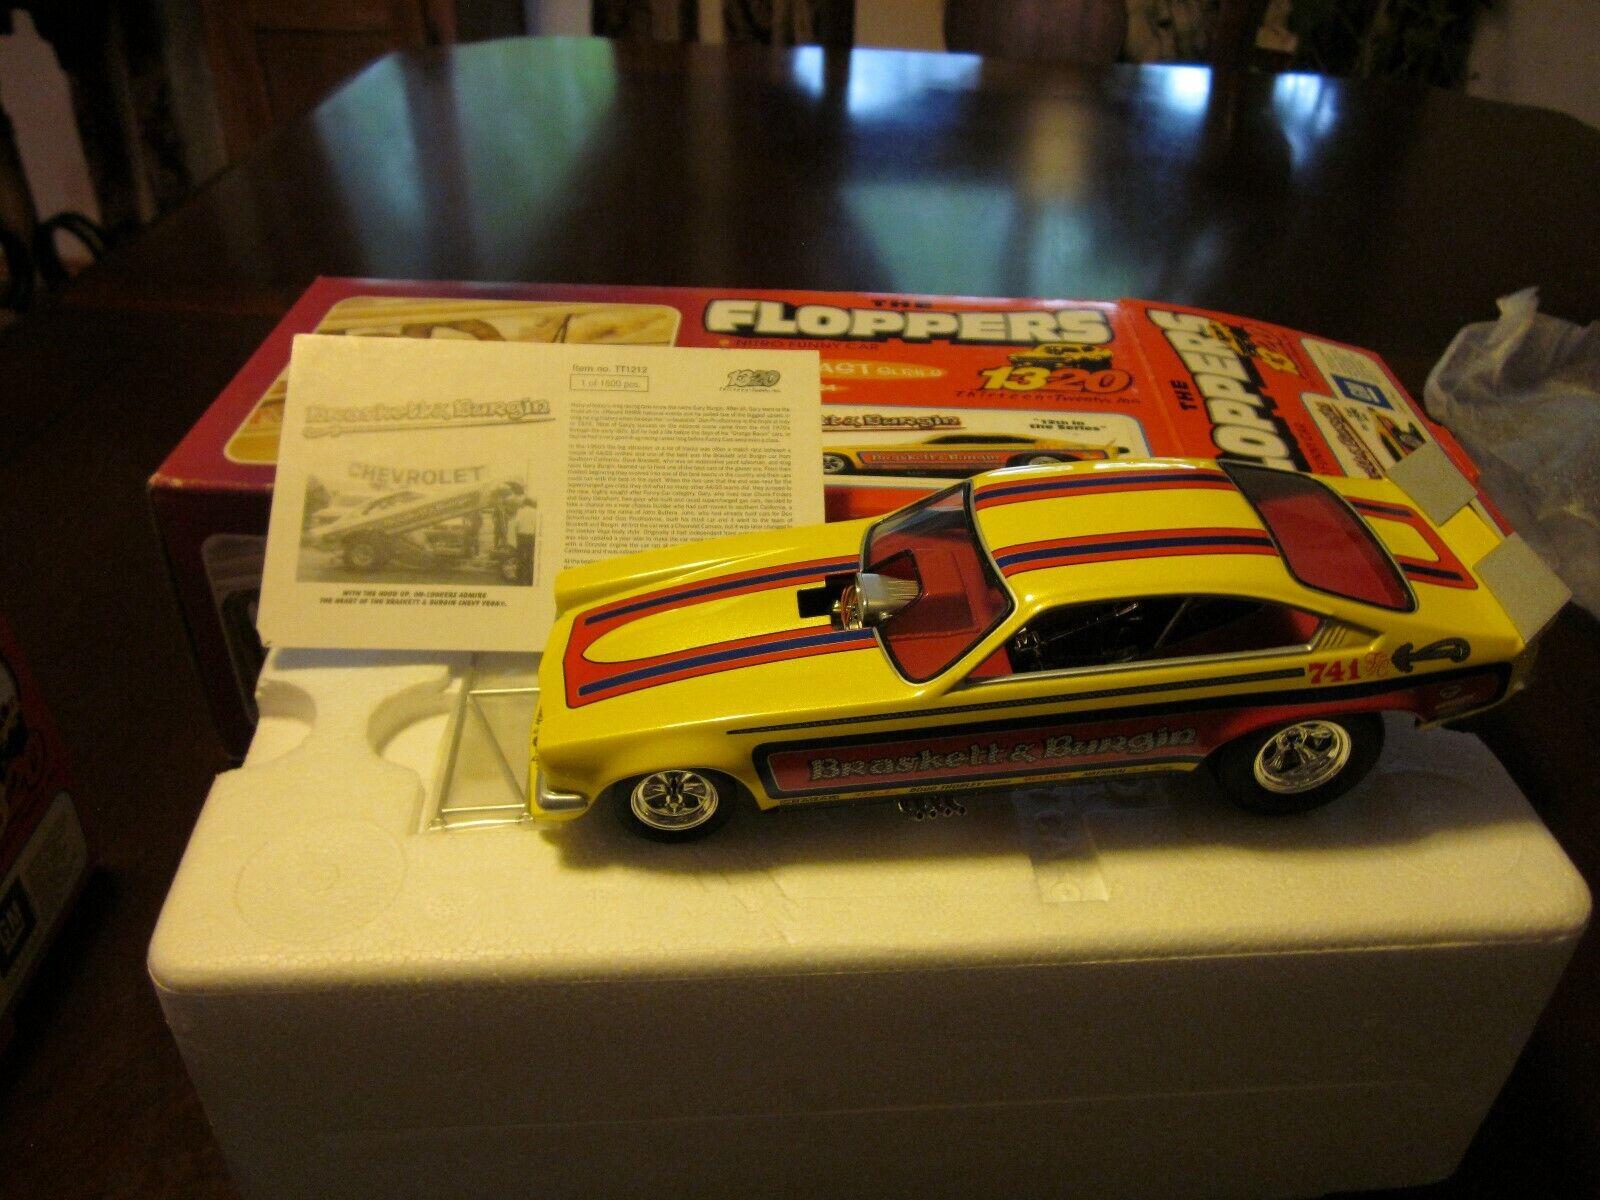 Sample Series. Braskett & Burgin's 1320 Inc. Floppers Funny Car Vega In Box